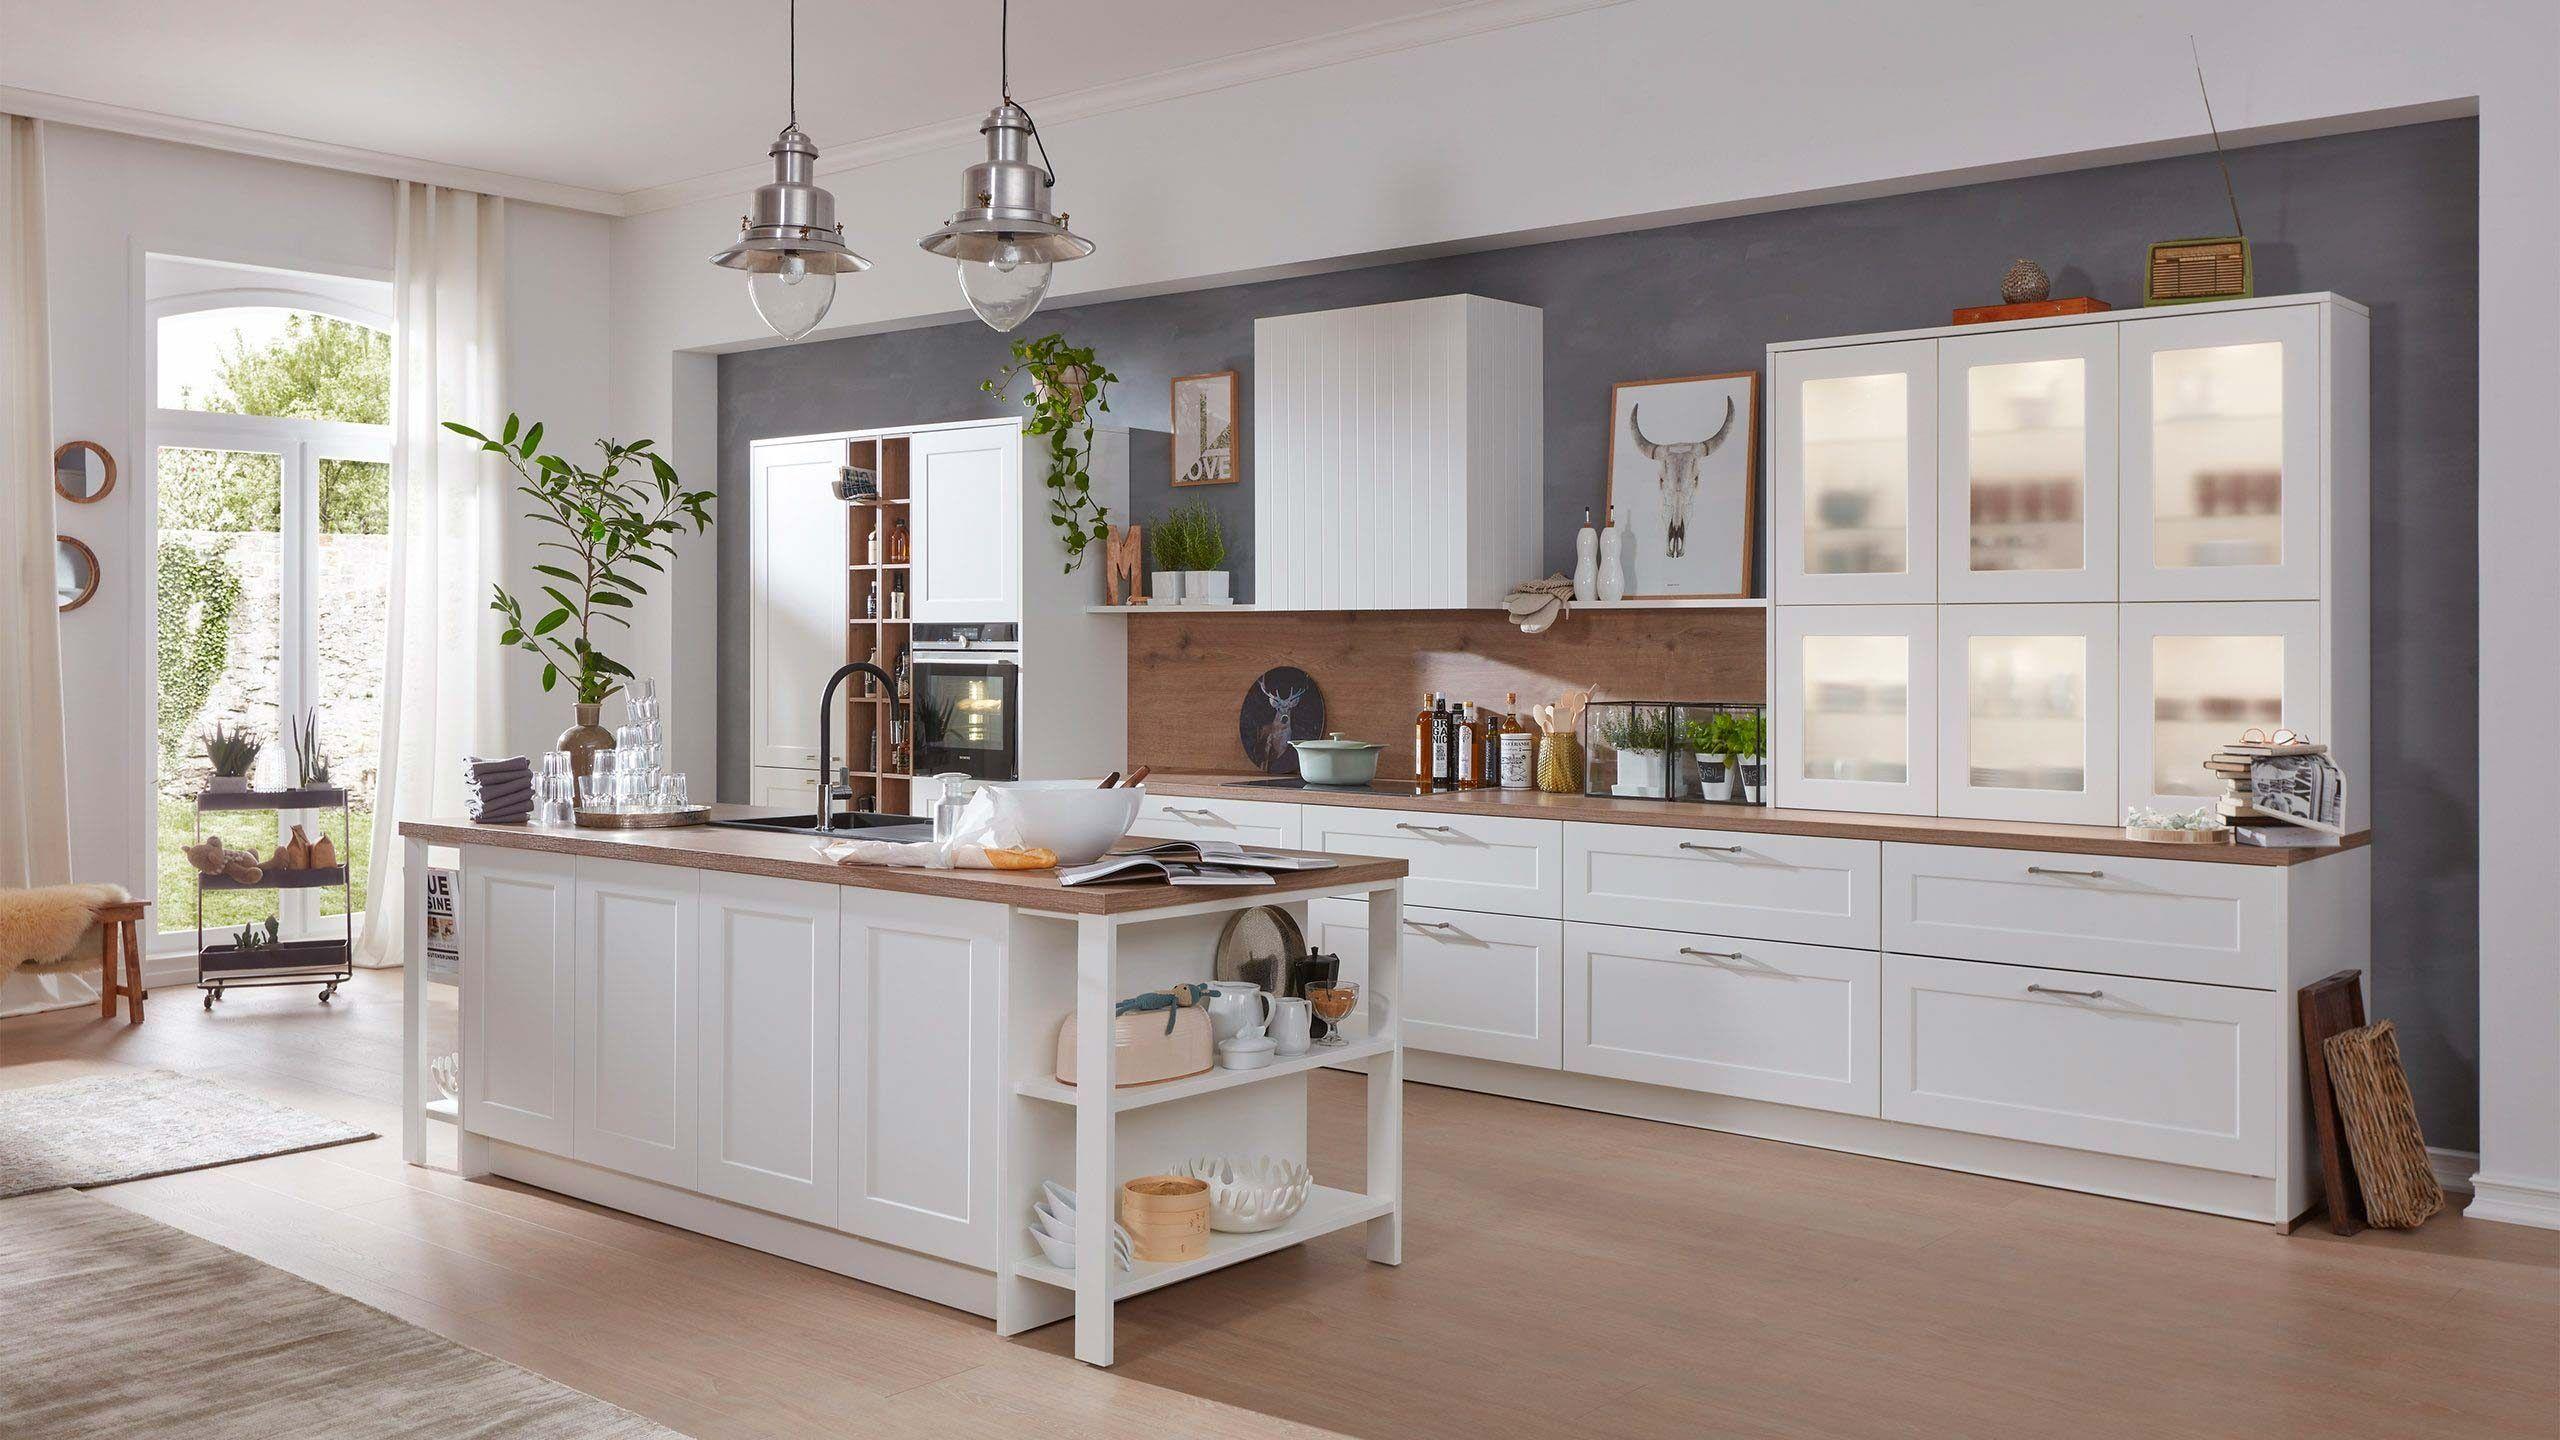 Jetzt neu Interliving Küchen   Ordnung in der küche ...